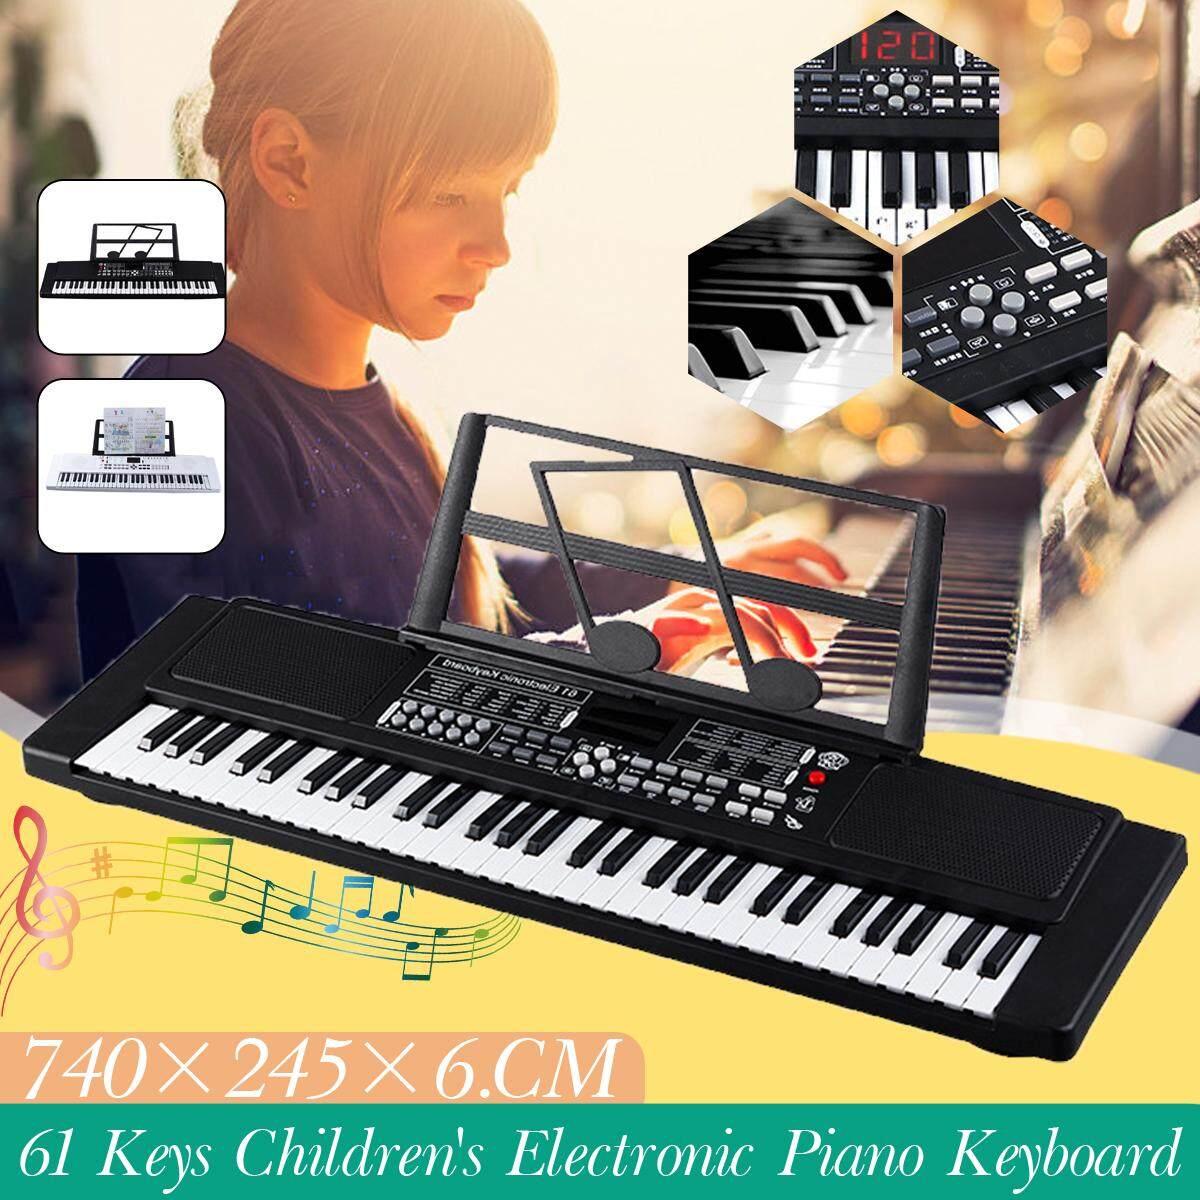 61 Phím Đàn Piano Điện Tử Âm Nhạc Điện Bàn Phím Màn Hình Hiển Thị LCD USB Đầu Vào Với Micro/Âm Nhạc Đứng Quà Tặng Cho Trẻ Em